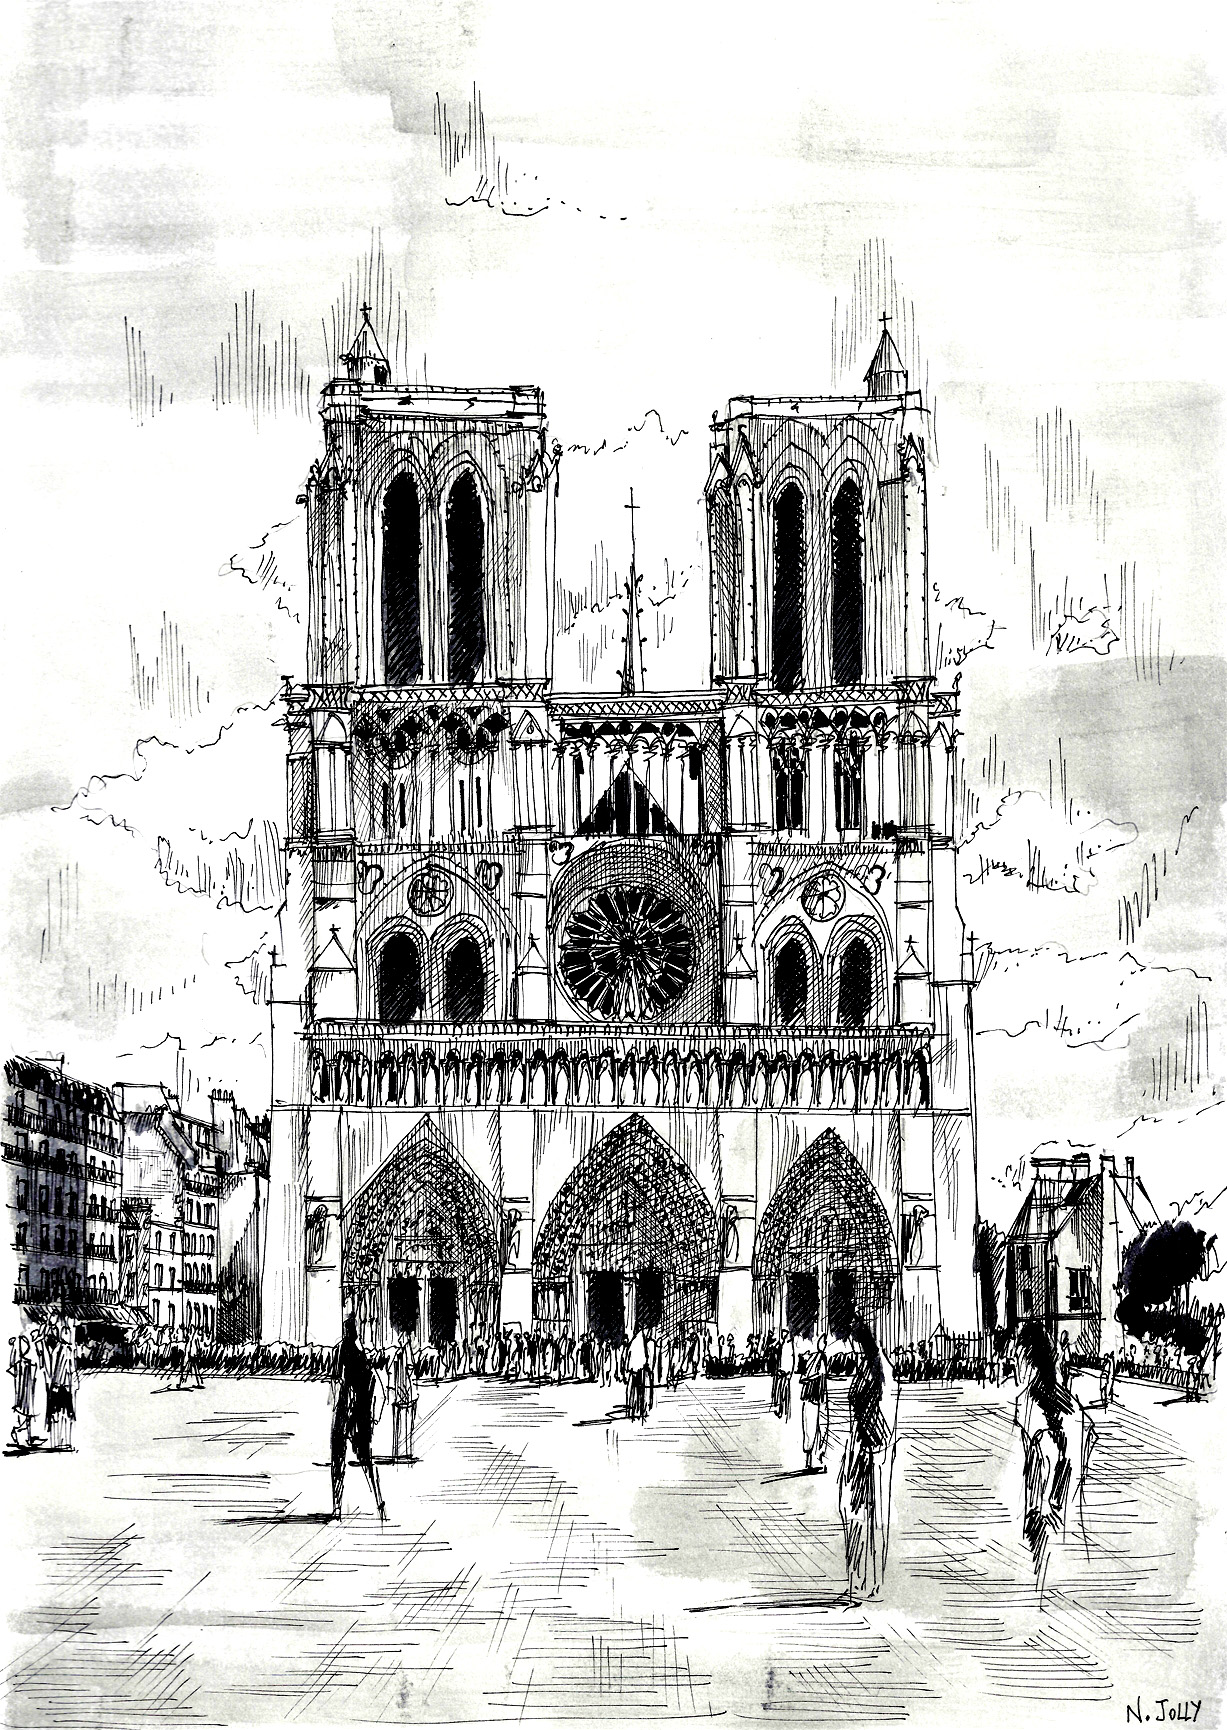 Magnifique dessin de Notre Dame de Paris, à colorier détail par détail, ou même à peindre !